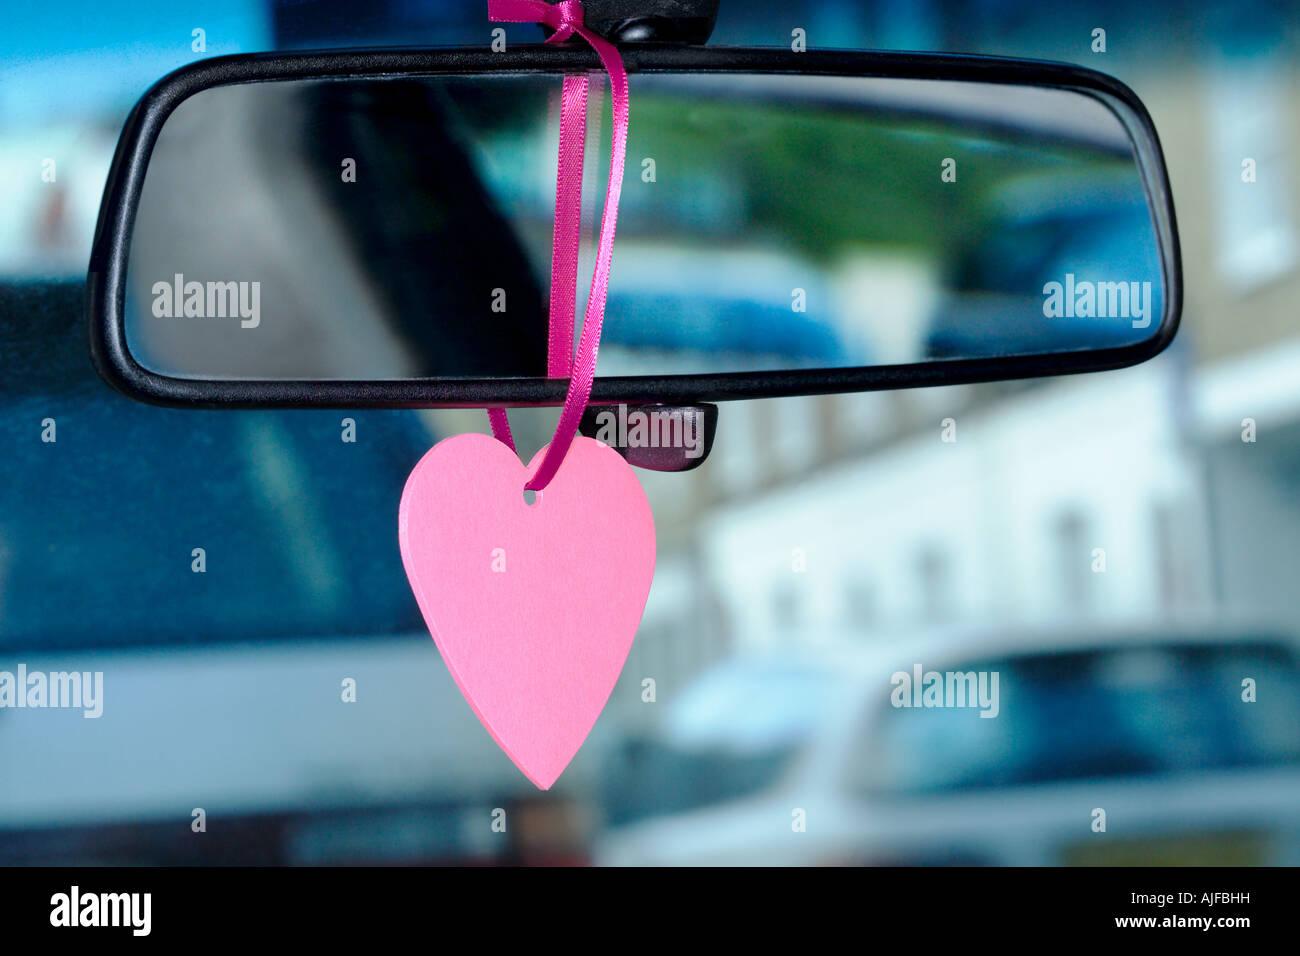 Un gingillo appeso su uno specchietto retrovisore Foto Stock